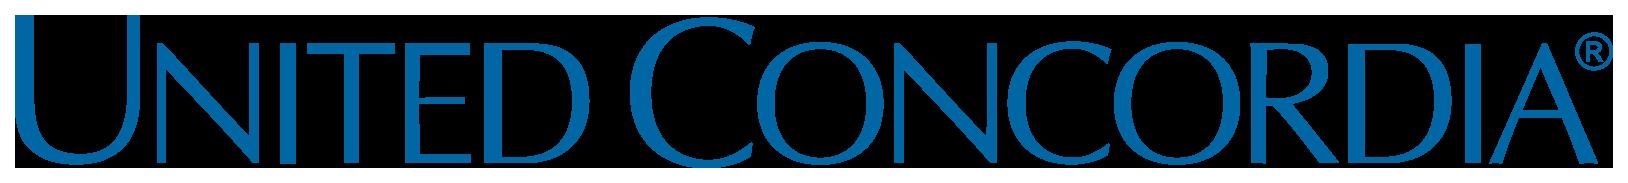 United Concordia CHIP